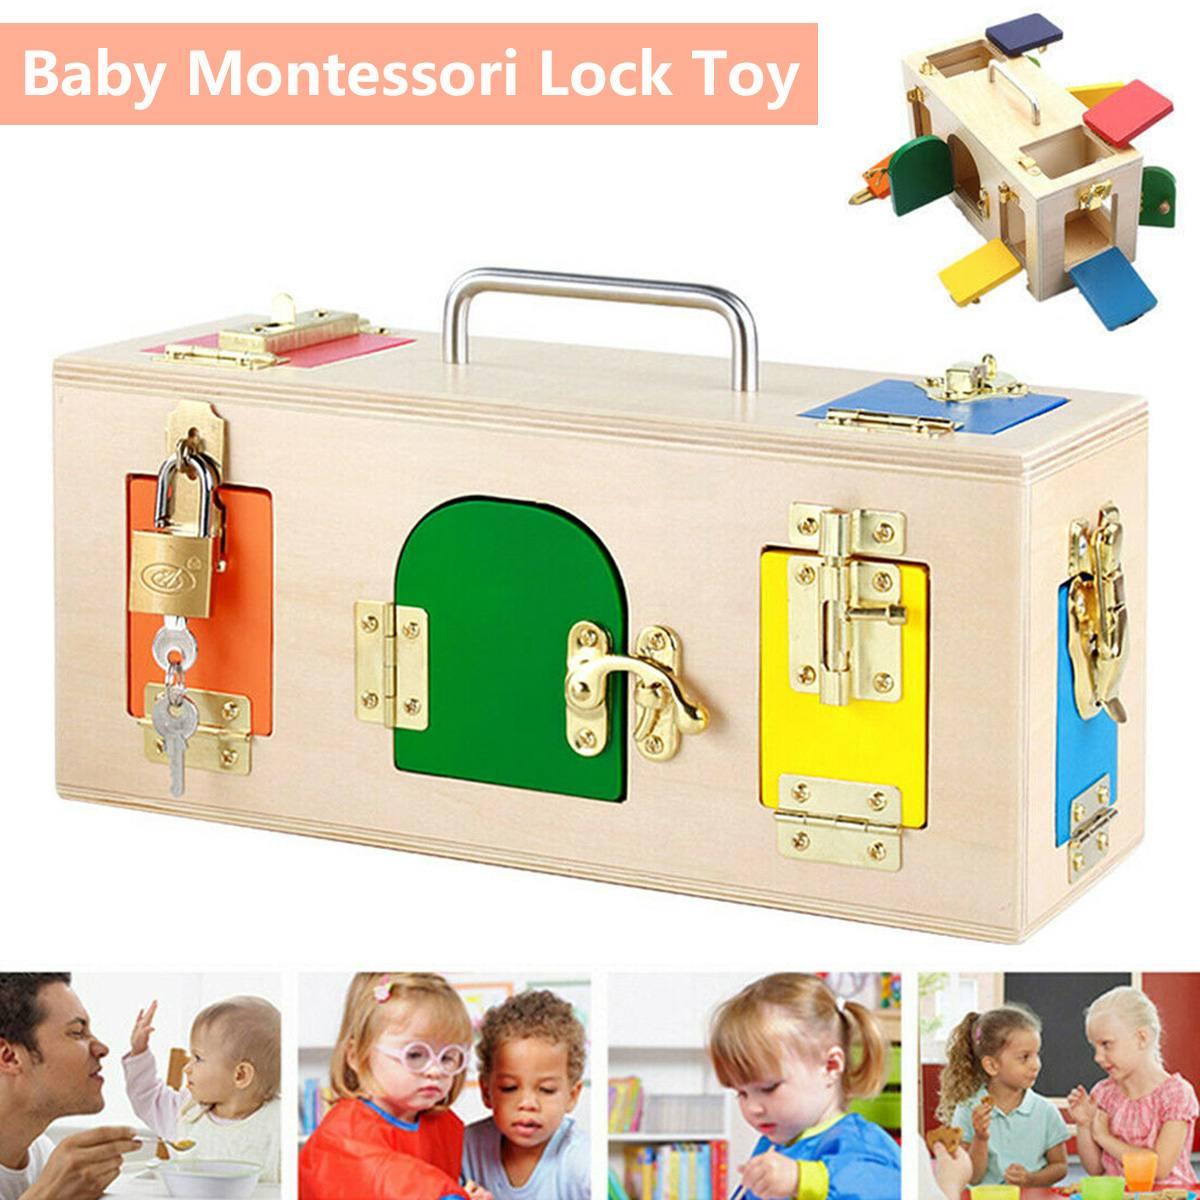 Montessori serrure boîte vie pratique jouet ouvrir la serrure clé éducatifs en bois jouets pour enfants de base et compétences de la vie jouets d'apprentissage